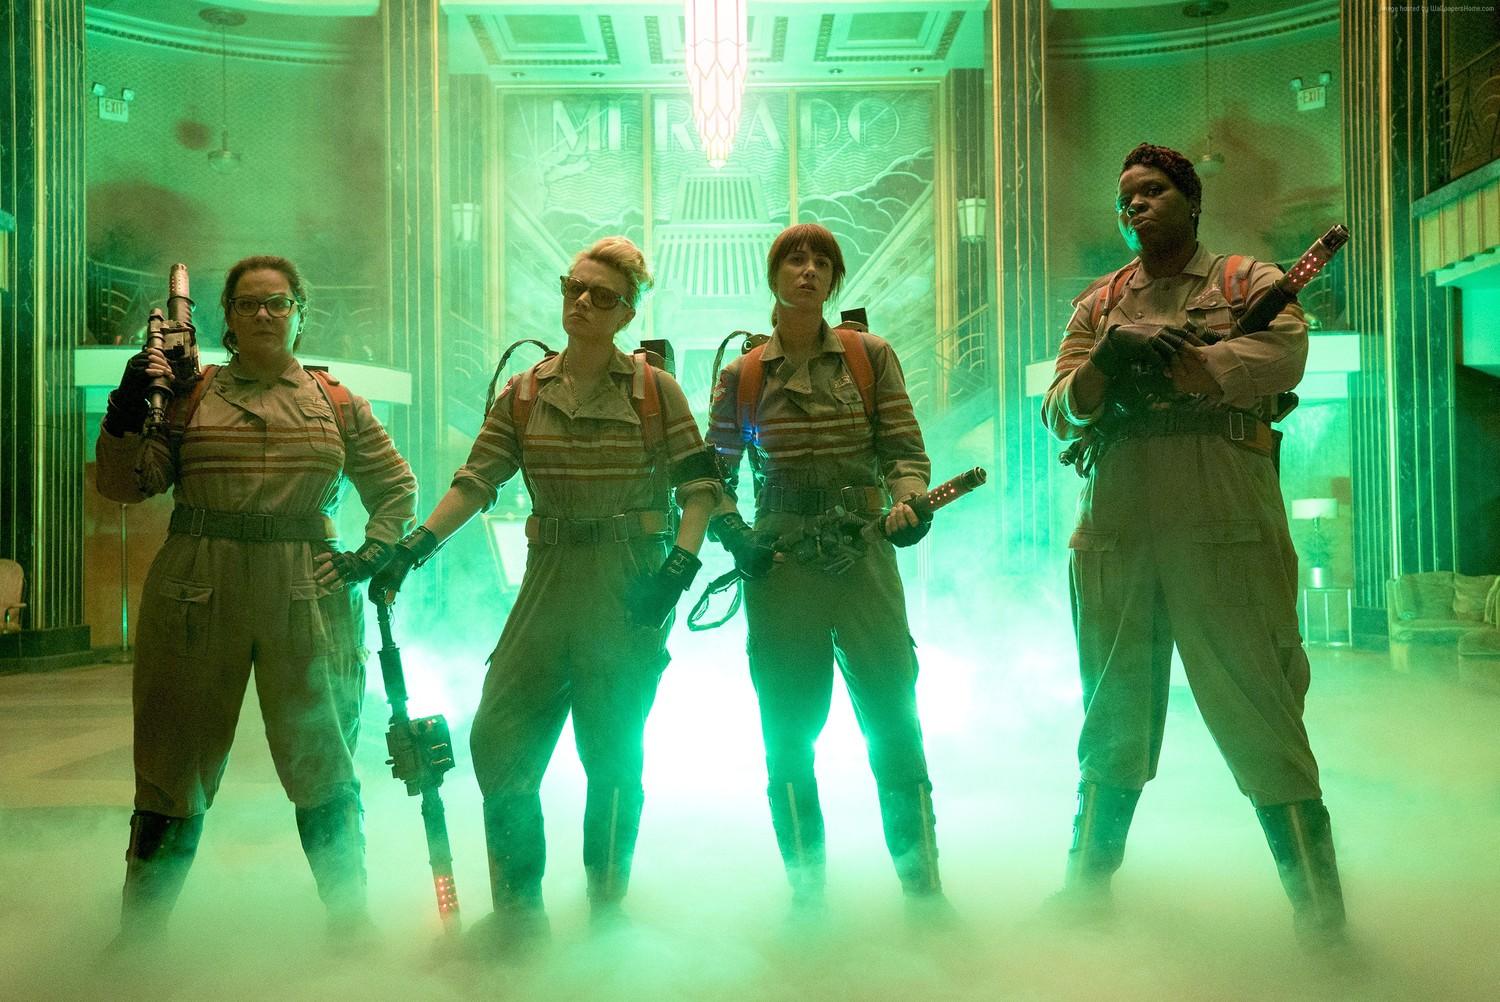 Nareszcie jest! Pełen zwiastun nowego Ghostbusters pozostawia wiele do życzenia